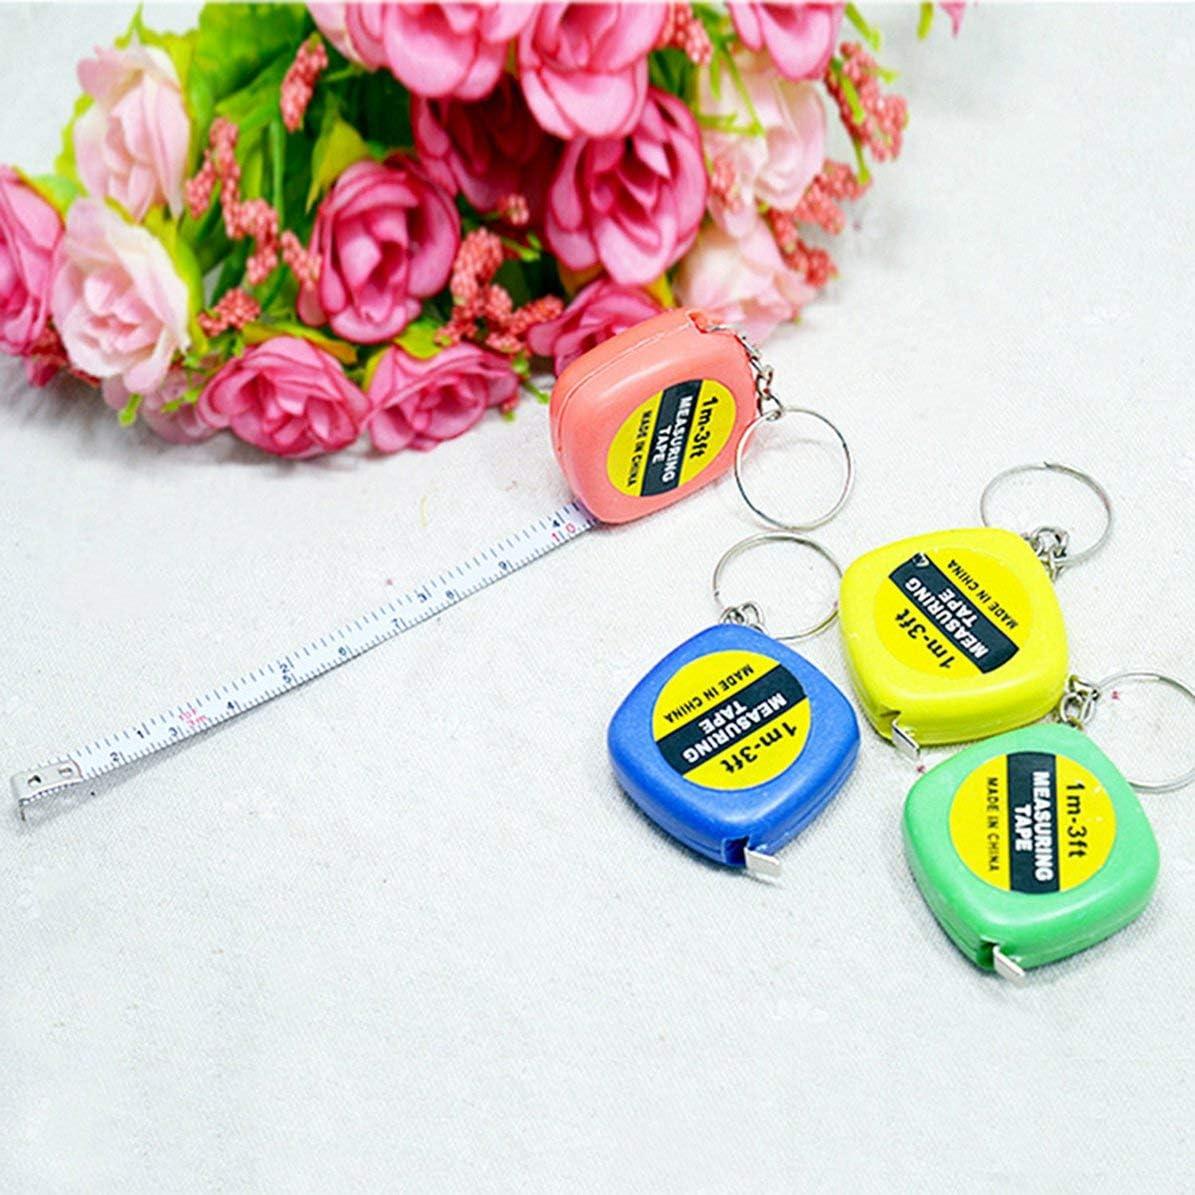 Sunnyflowk Mignon 1 M/ètre Couleur Al/éatoire Porte-cl/és Porte-cl/és Outil Populaire Mini Ruban /À Mesurer Porte-cl/és Portable al/éatoire